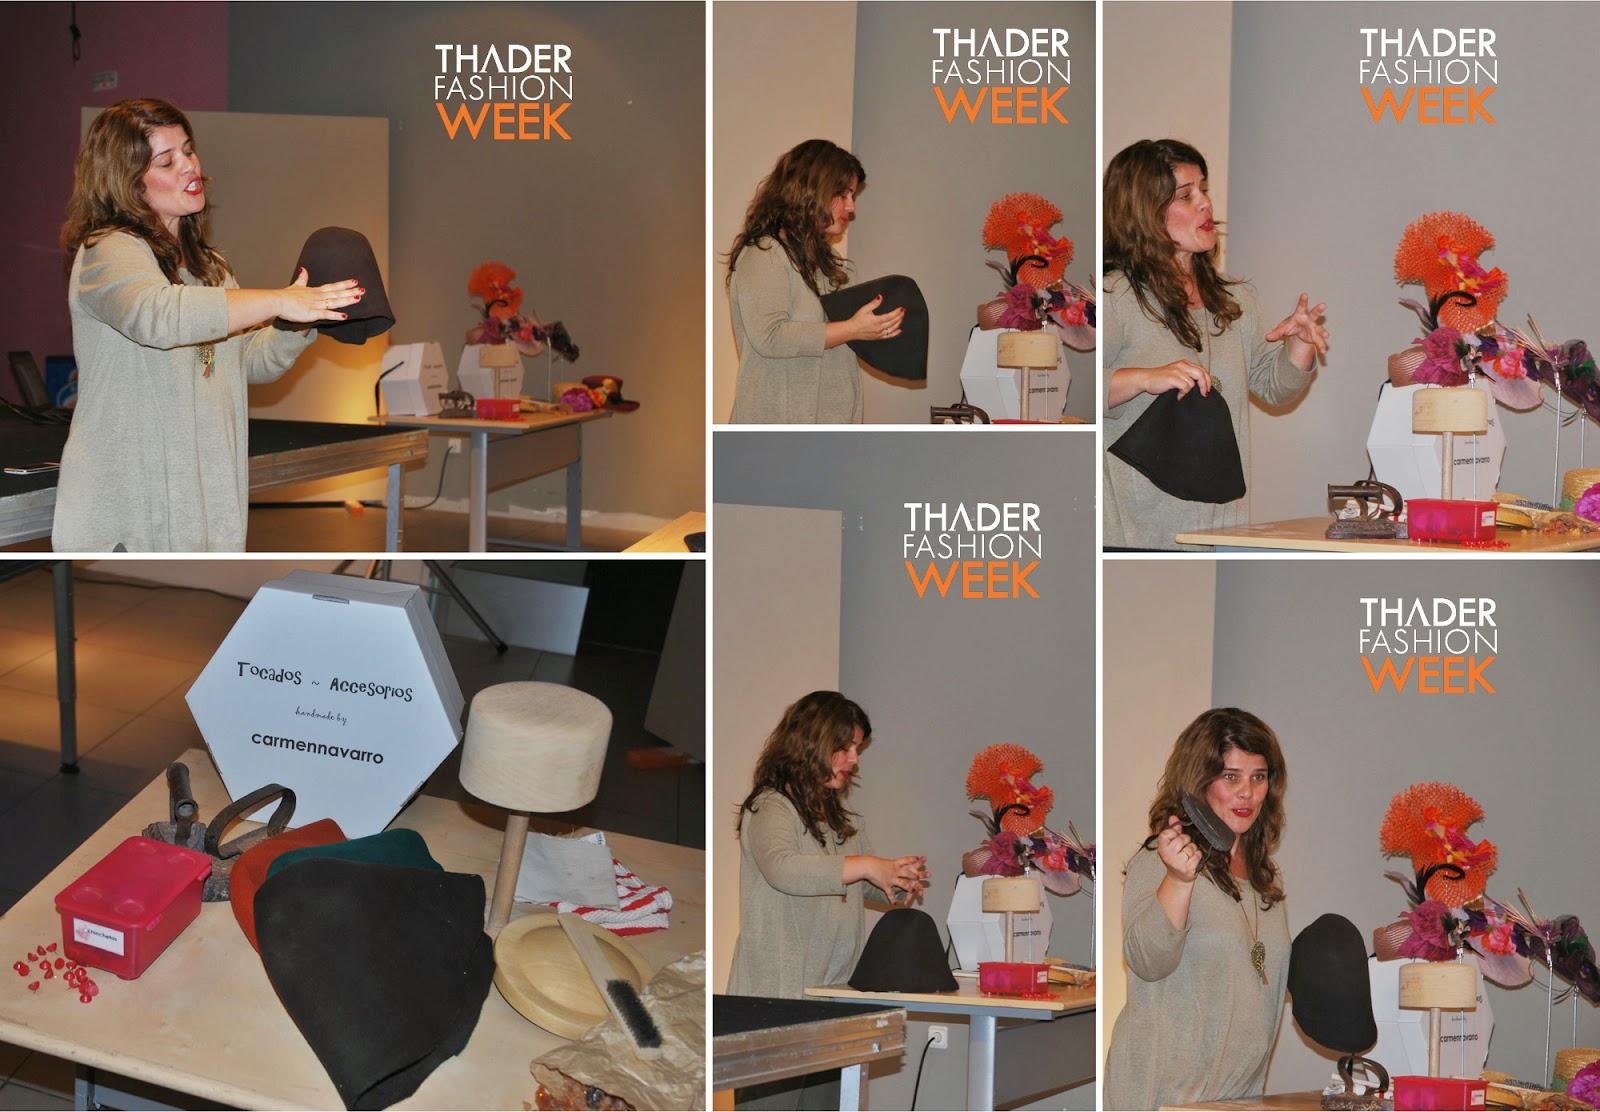 Thader Fashion Week